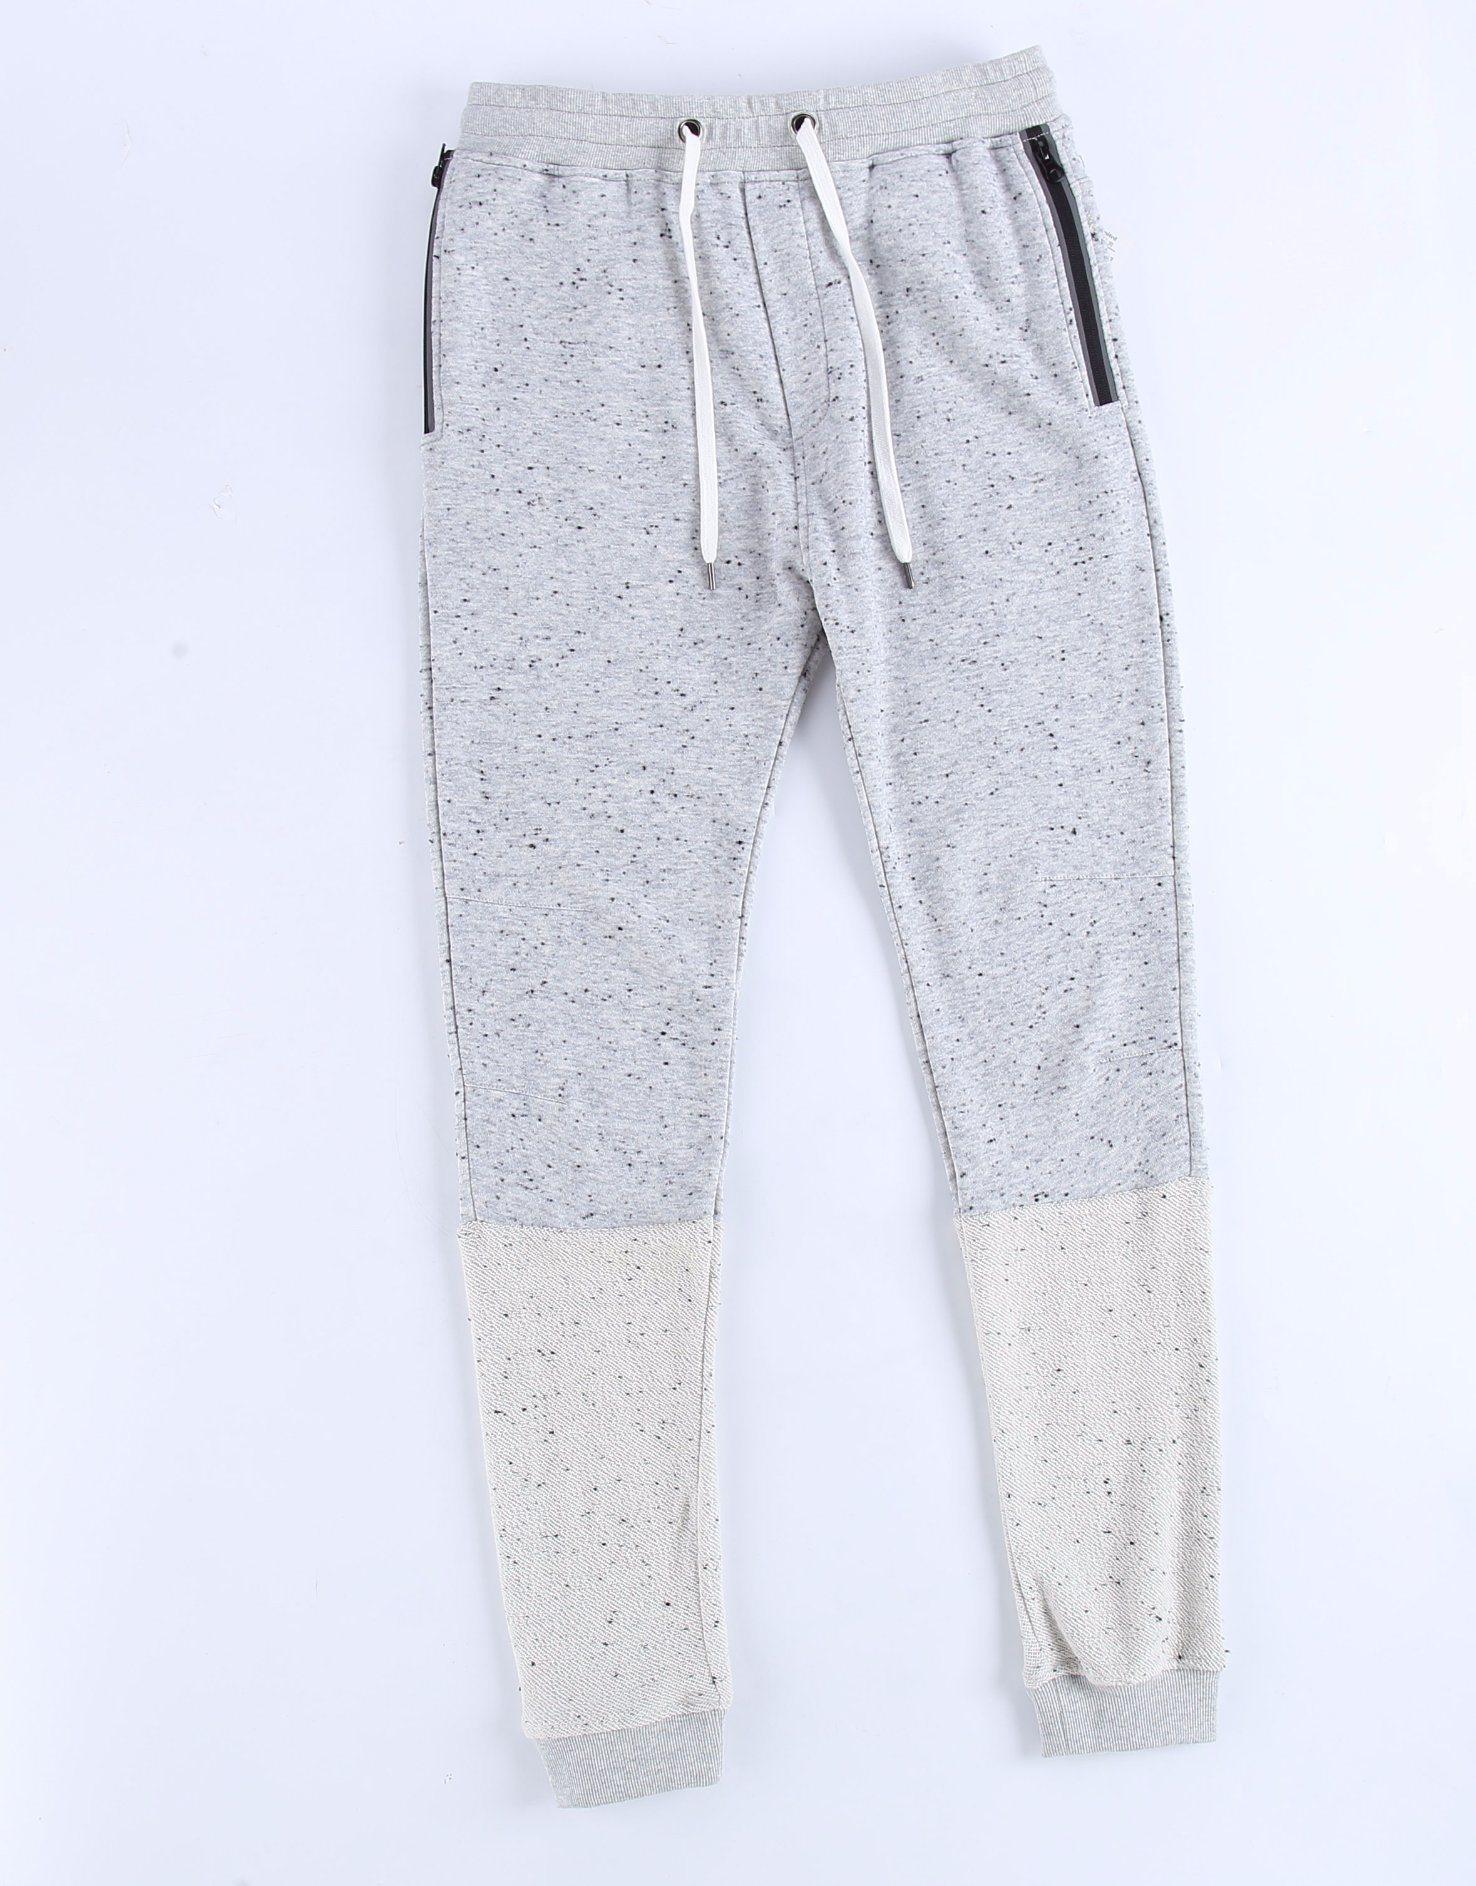 100% Sparkle Cotton Terry Men′s Sport Pants / Casual Pants